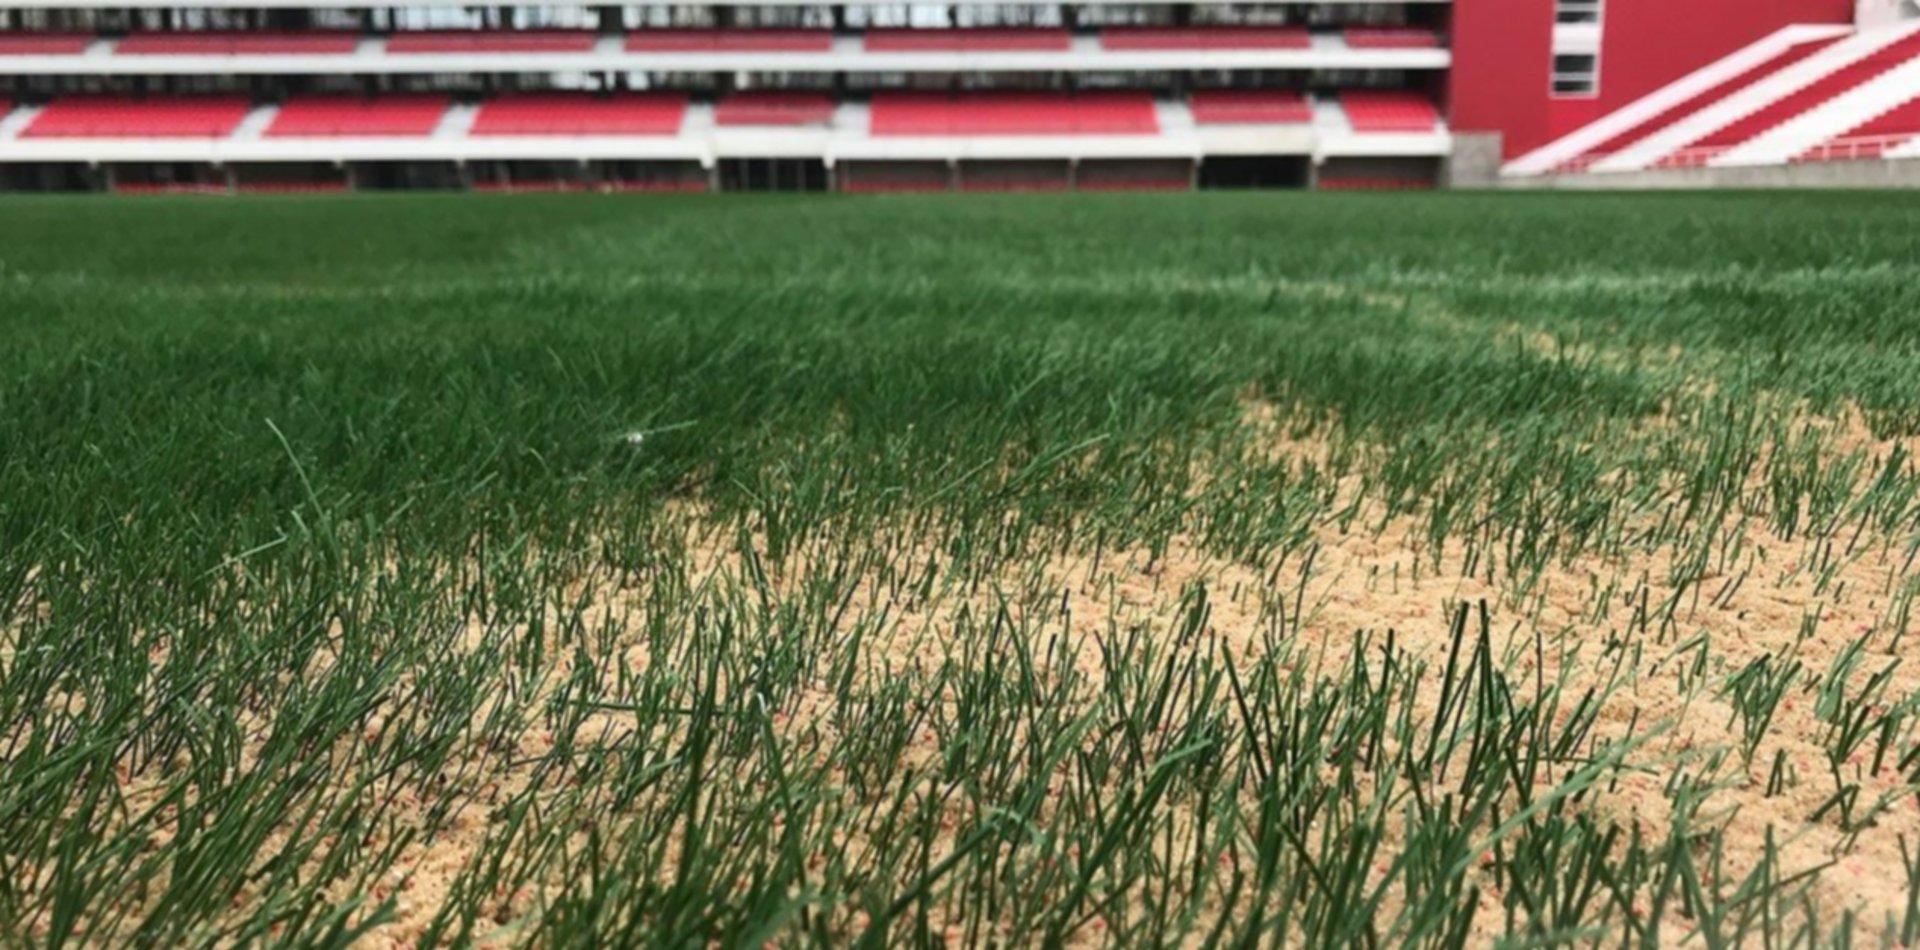 La cuenta regresiva de Estudiantes: terminó el sembrado del césped en 1 y 57